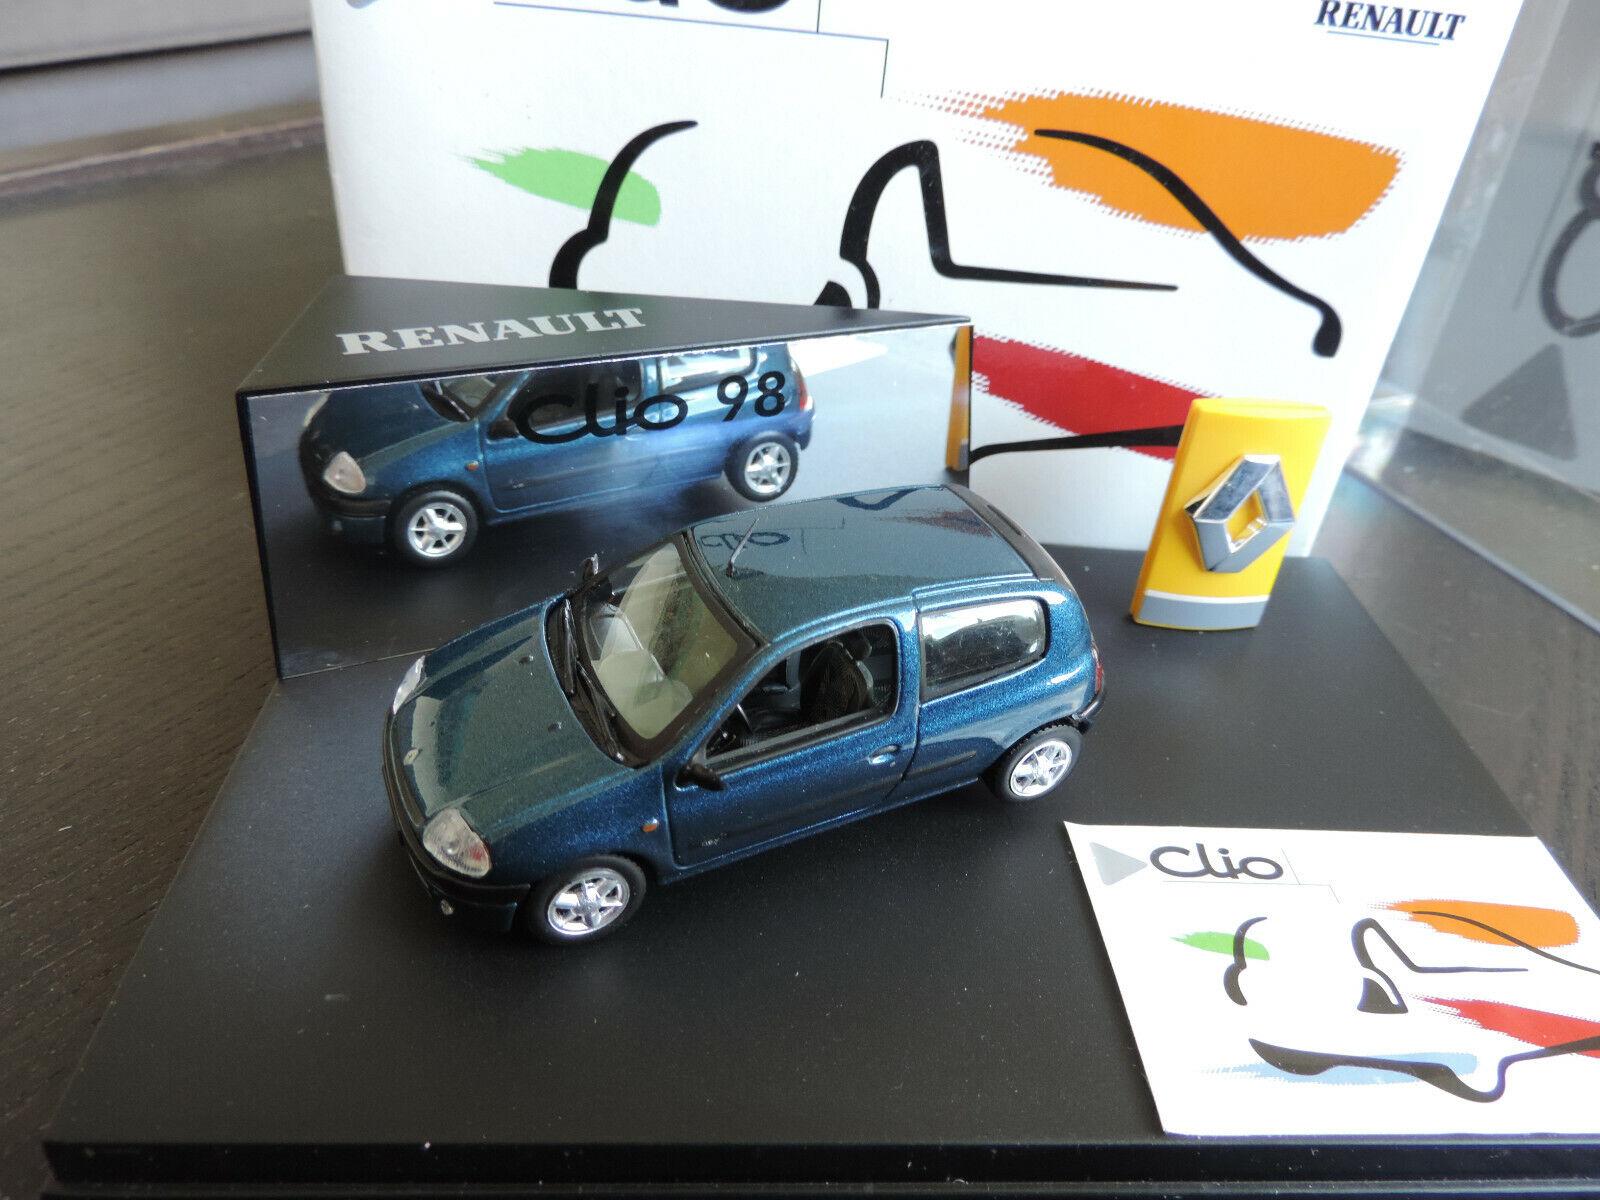 COFFRET RENAULT CLIO 3 PORTES VITESSE 1 43 EN  BOITE + SUR BOITE idem norev  meilleur prix